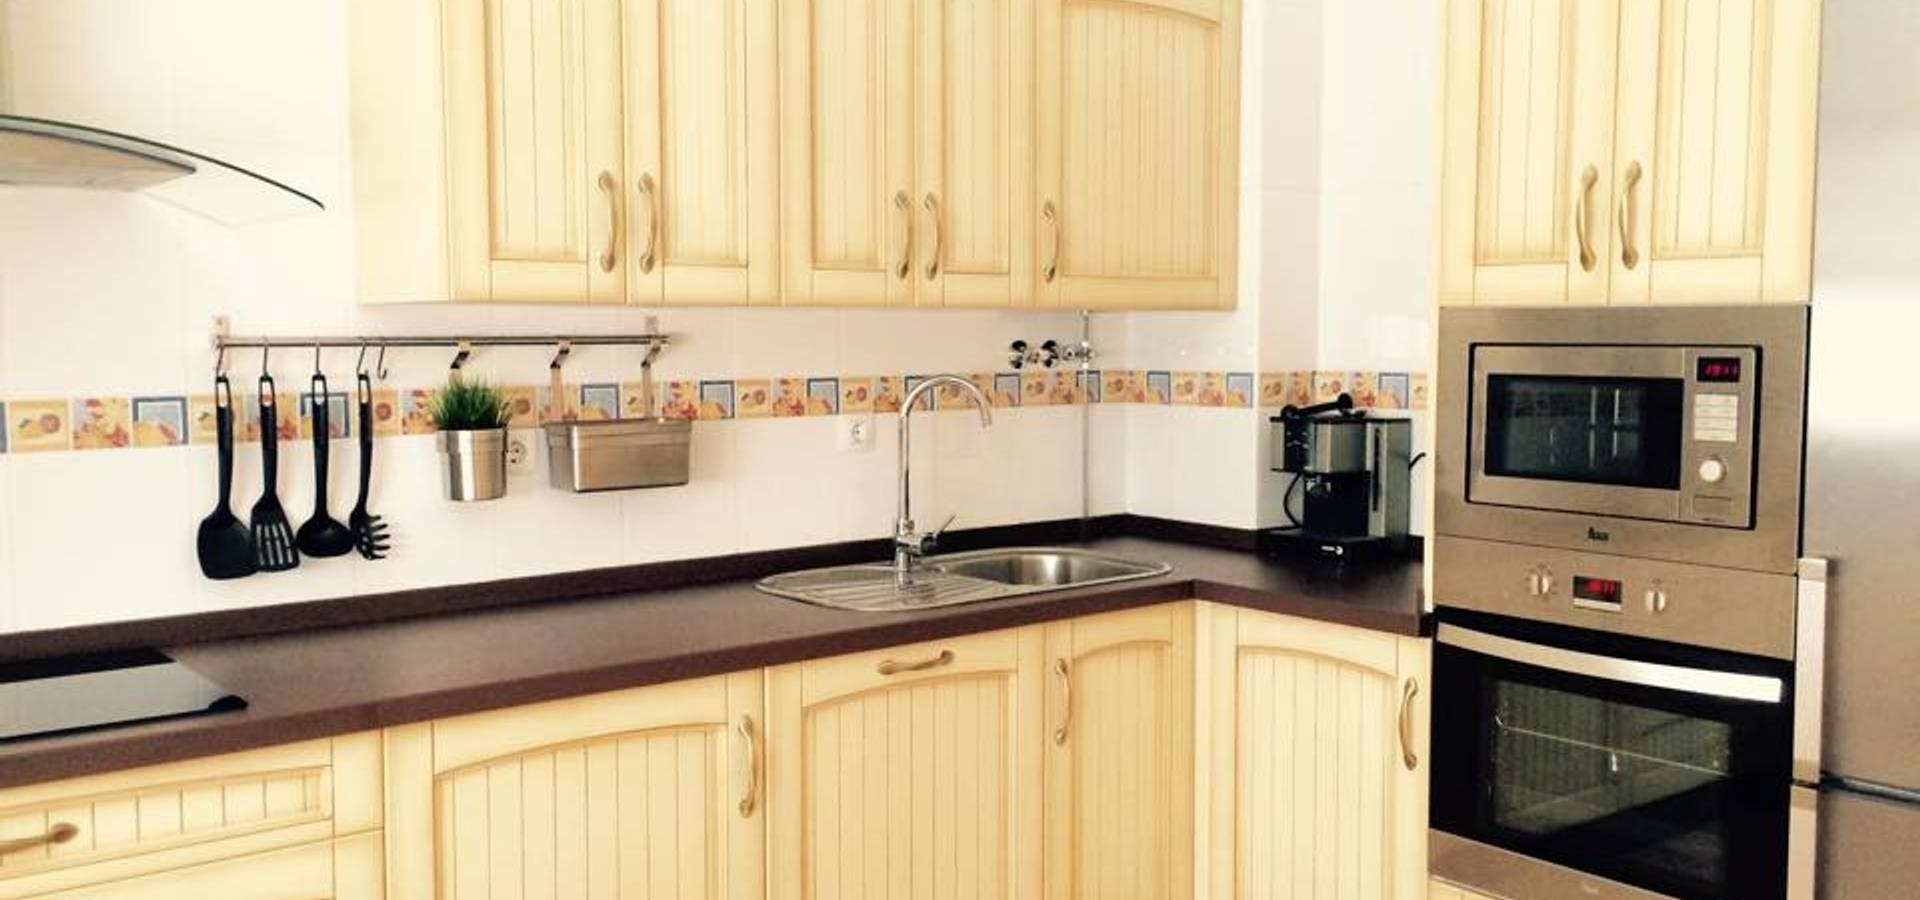 Cocinas y muebles angulo dise adores de cocinas en for Cocinas de ocasion sevilla